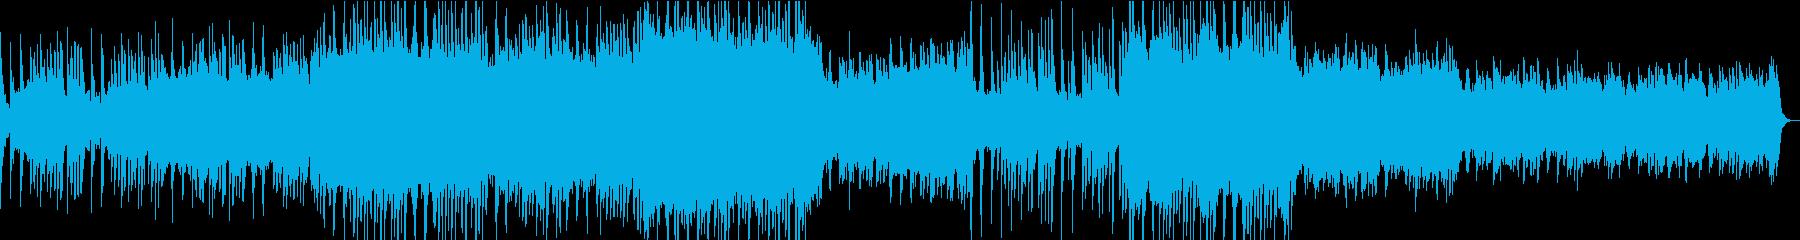 3拍子シンセアンビエントミュージックの再生済みの波形